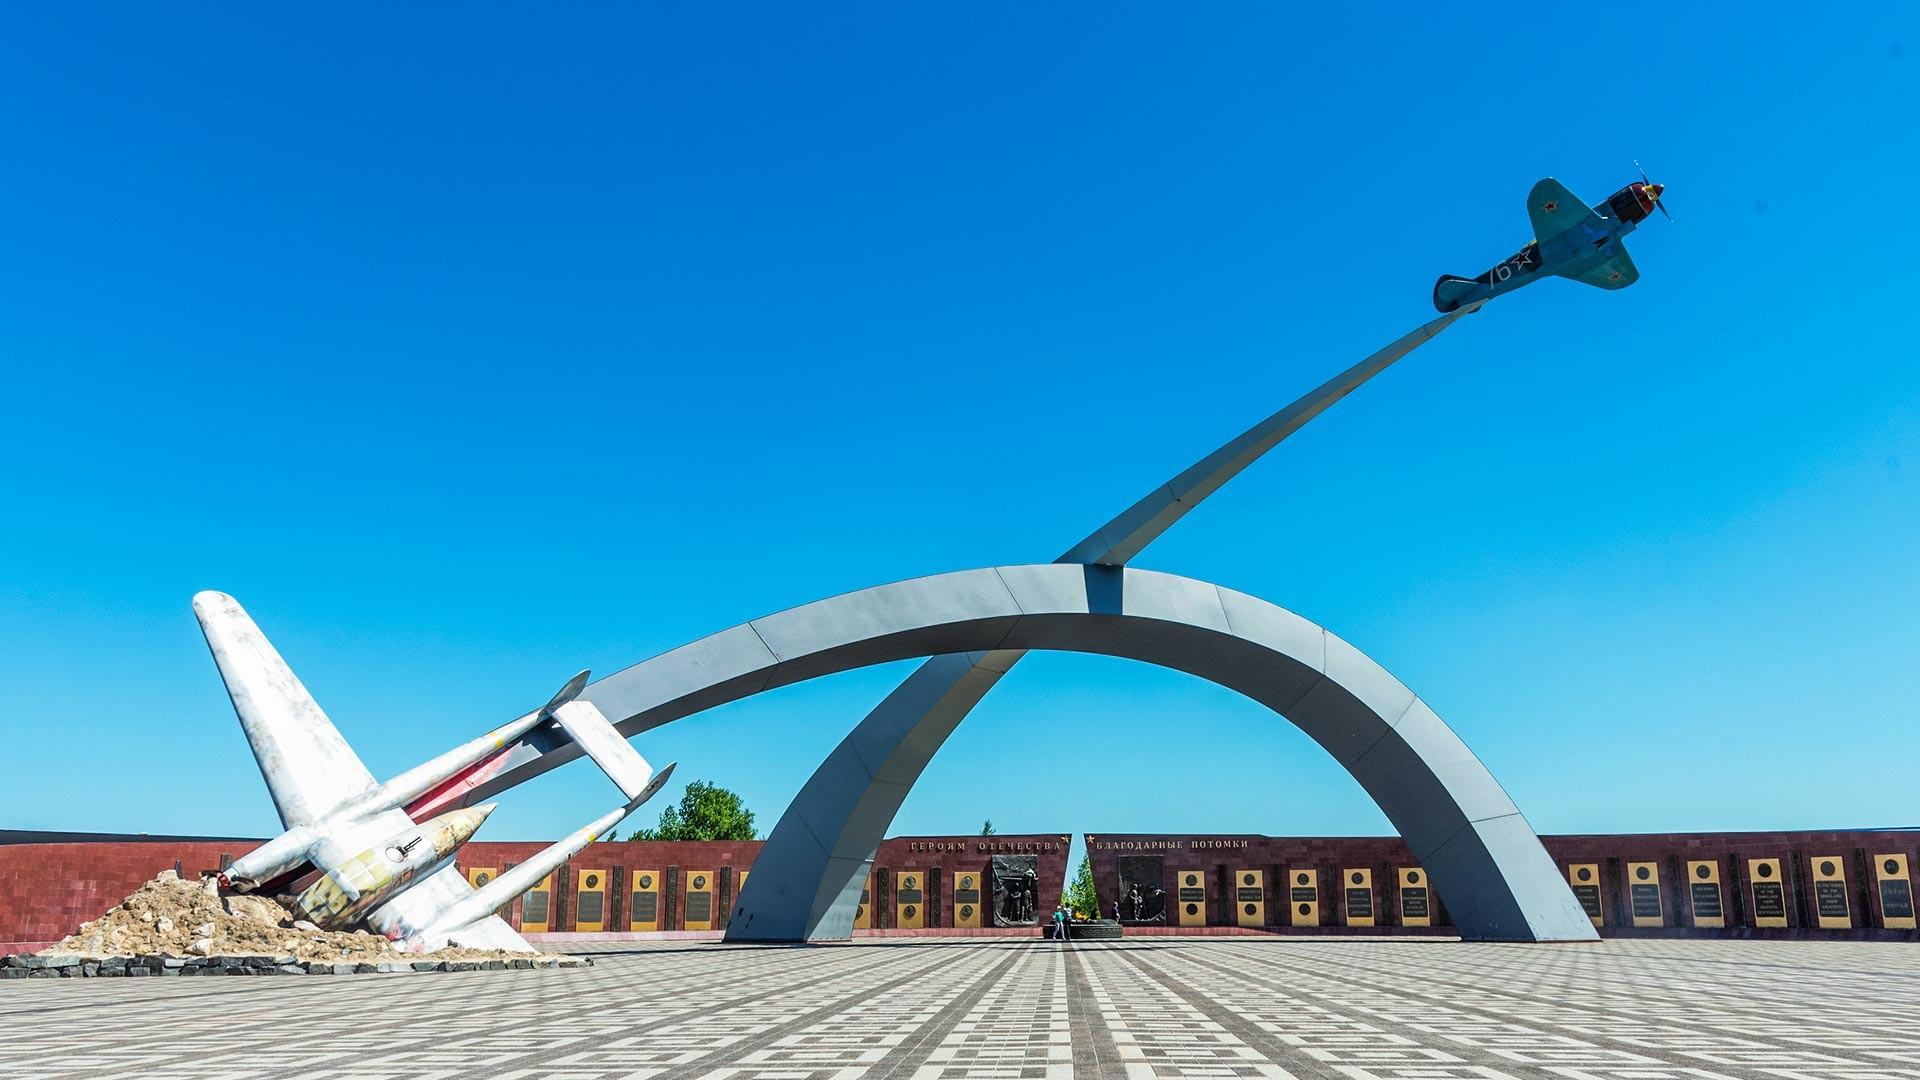 トゥーラの記念複合施設「祖国空の防衛者」